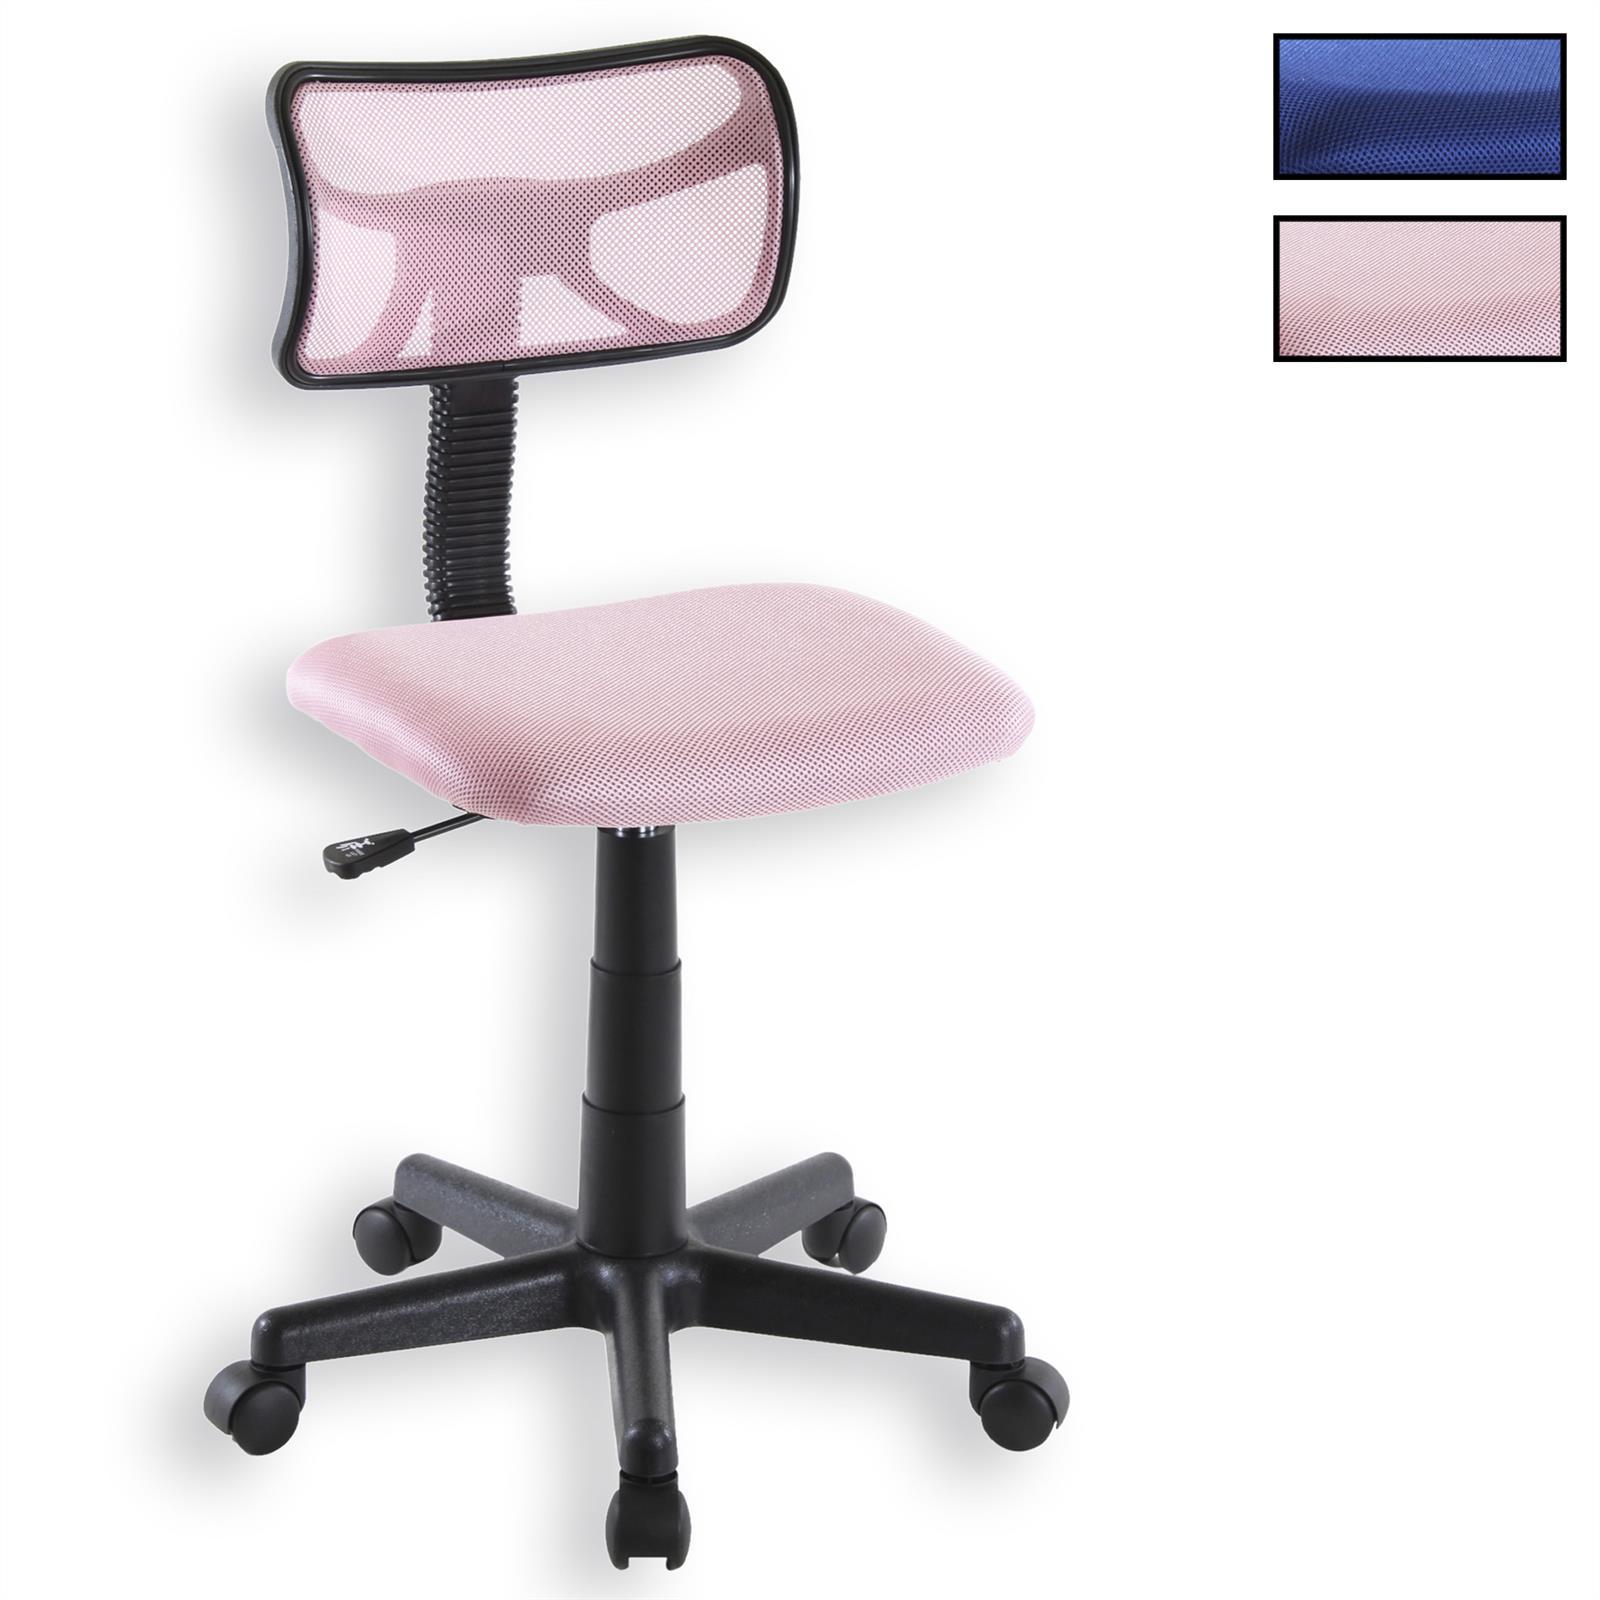 fauteuil de bureau pour enfant stefan 3 coloris disponibles mobilia24. Black Bedroom Furniture Sets. Home Design Ideas